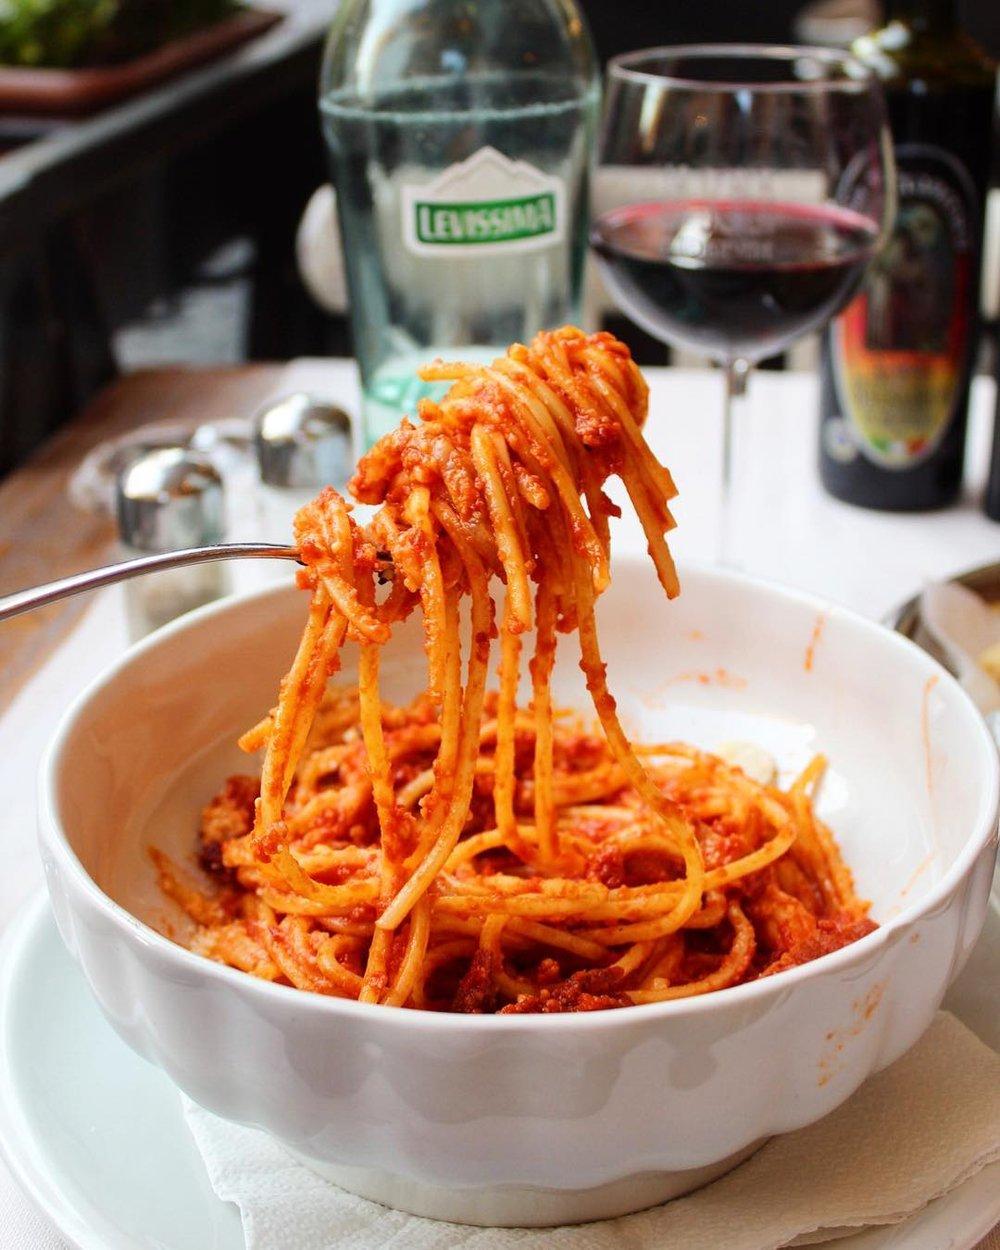 Spaghettoni all'amatriciana con guanciale di Norcia @ La Scala   Spaghettoni with bacon, tomato sauce, sheep milk cheese